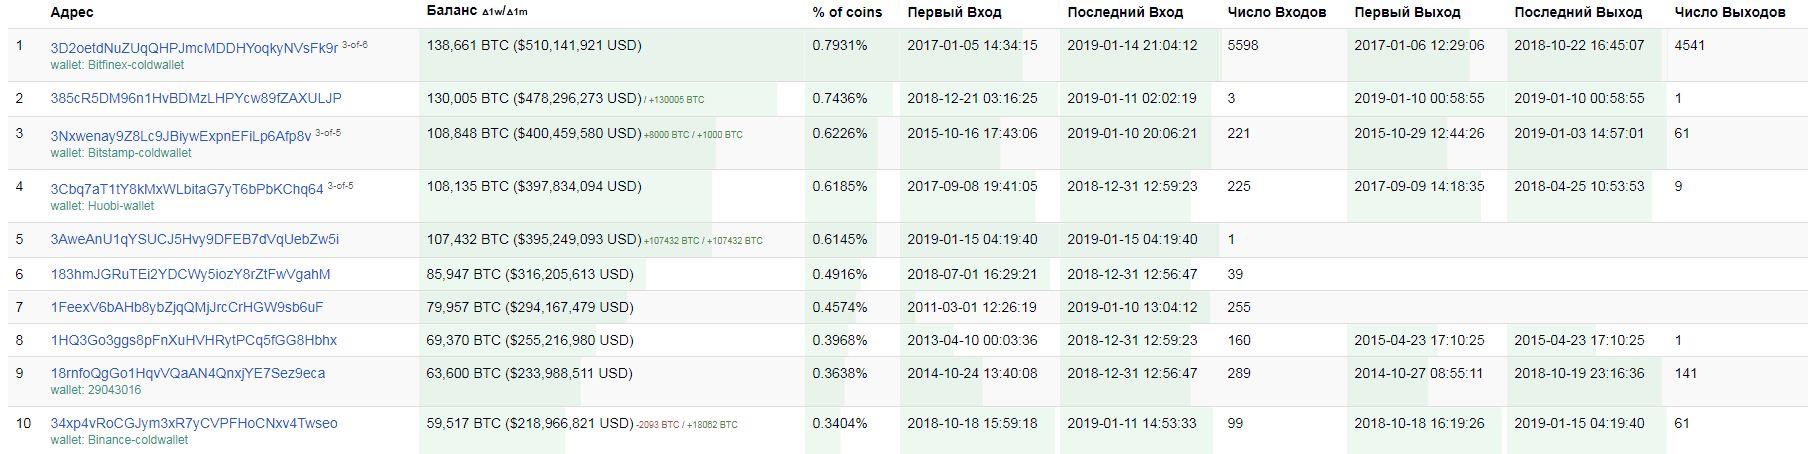 ТОП-10 богатейших Bitcoin-адресов на bitinfocharts.com